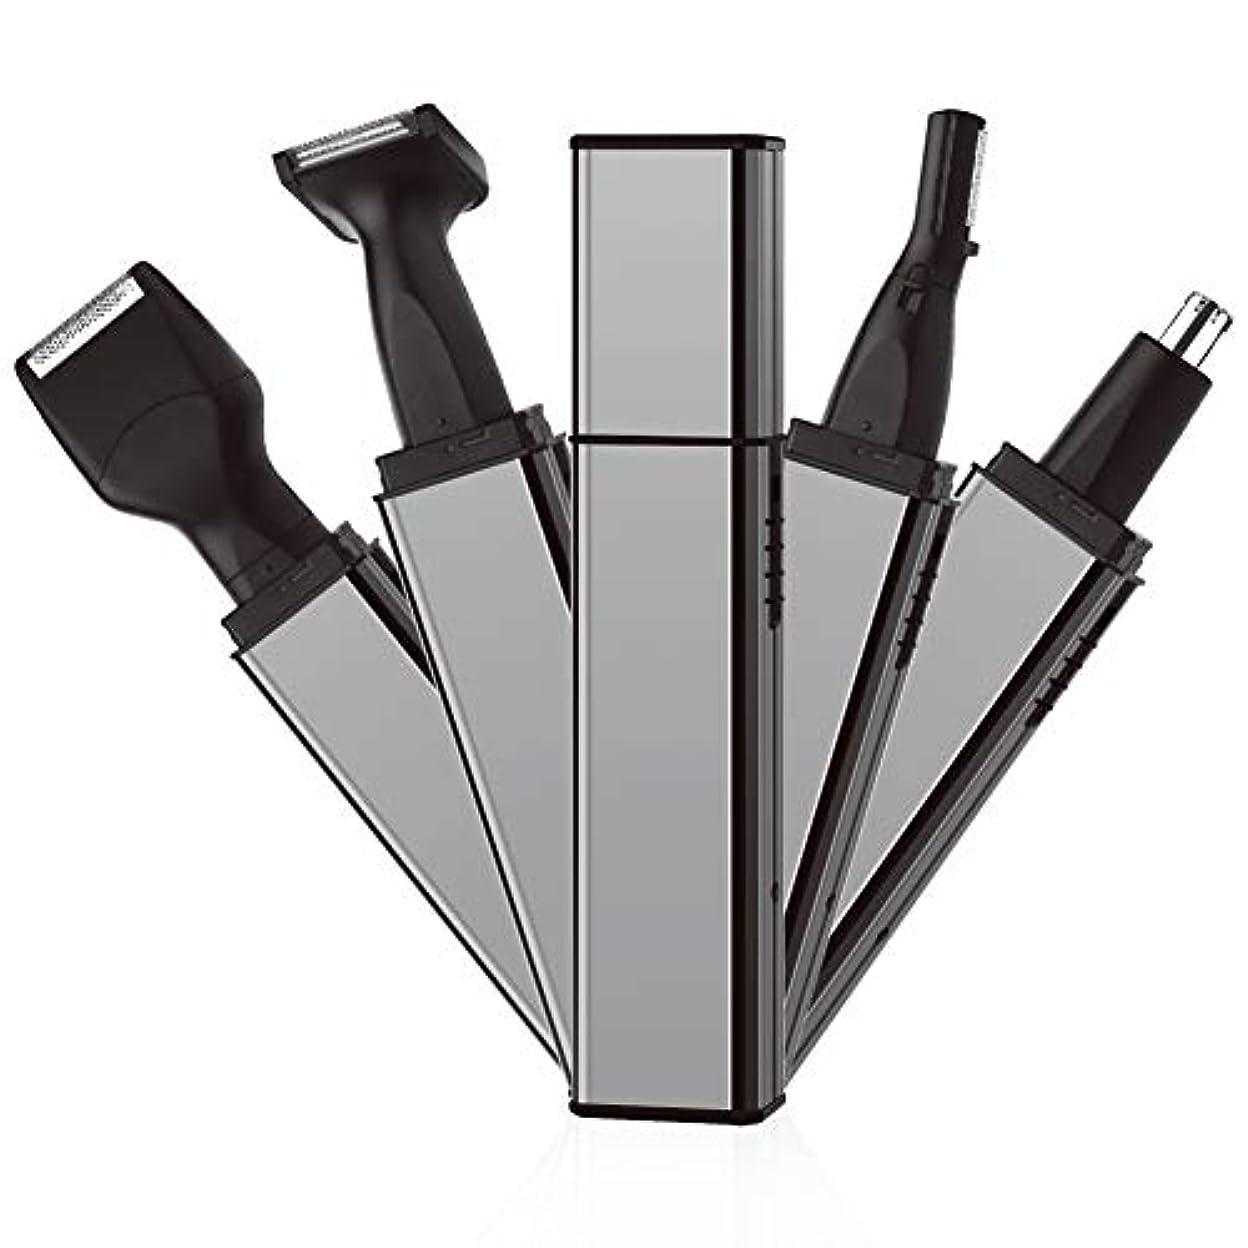 ポーズ落とし穴わかりやすい男性の耳/鼻/眉毛/寺院の髪のトリミングセットで4-in-1鼻毛トリマーUSB充電が簡単に清掃可能